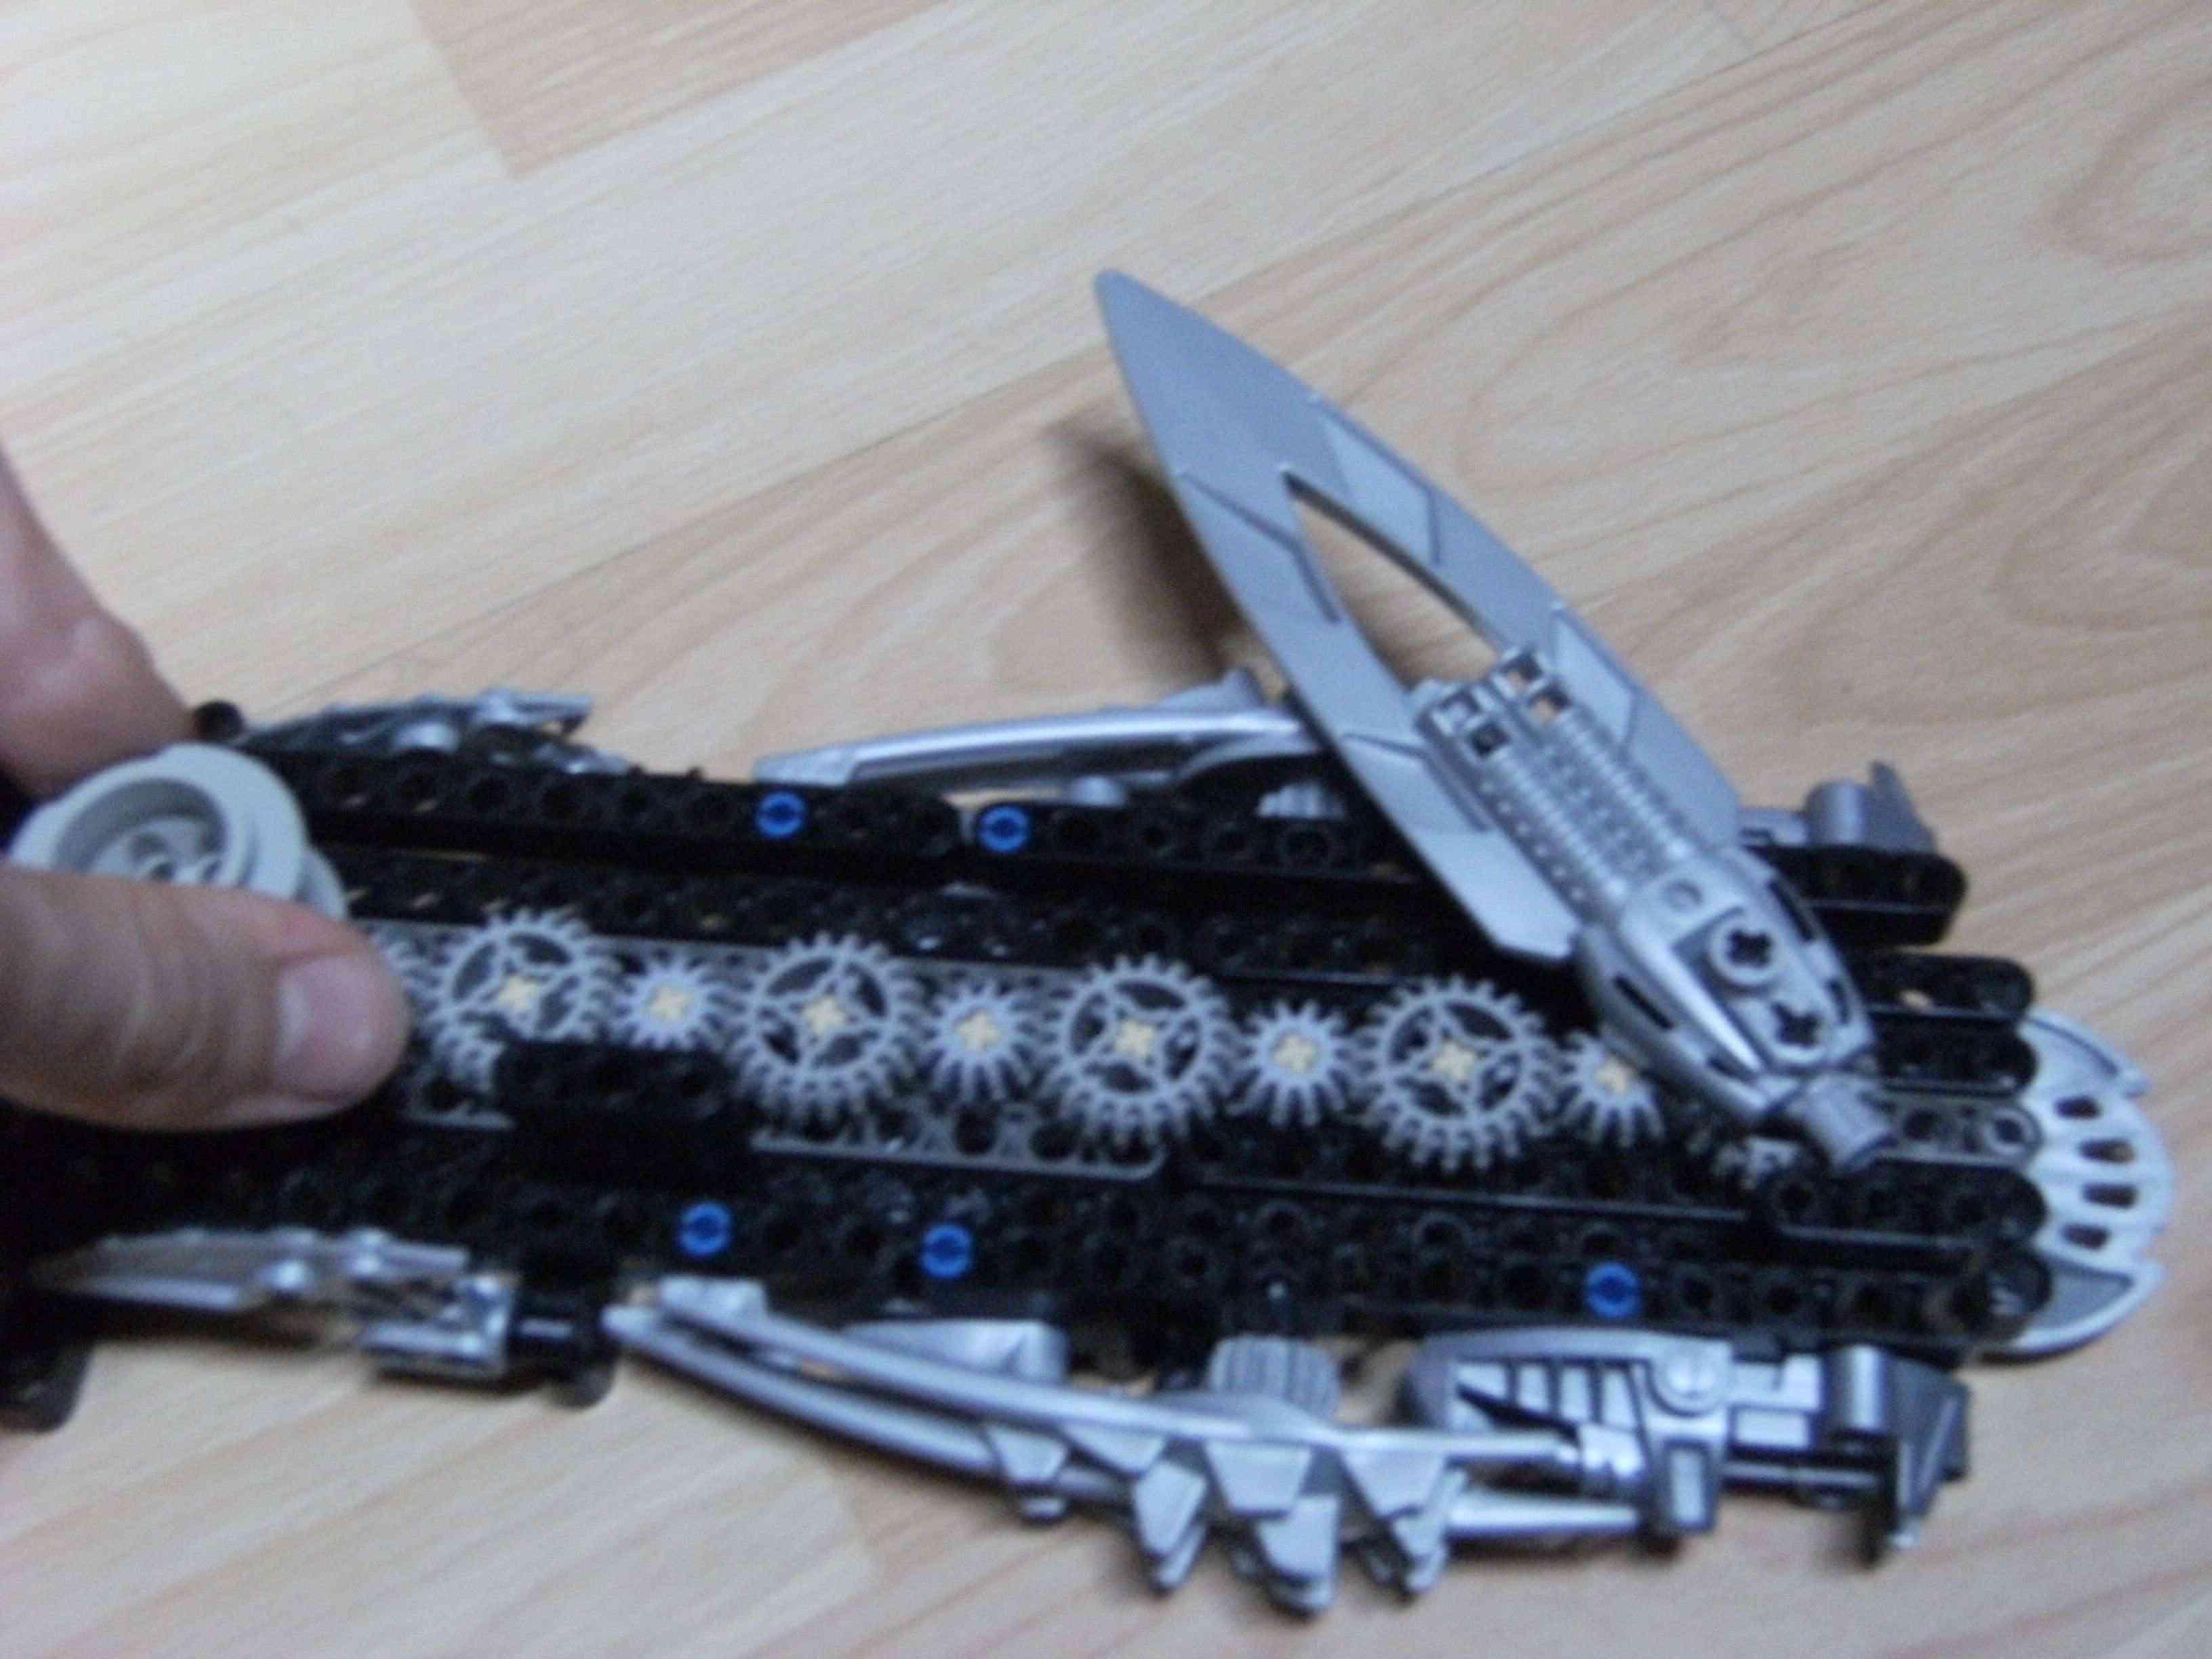 [Moc] WIP : Brotherhood's Weapons Dscf1317